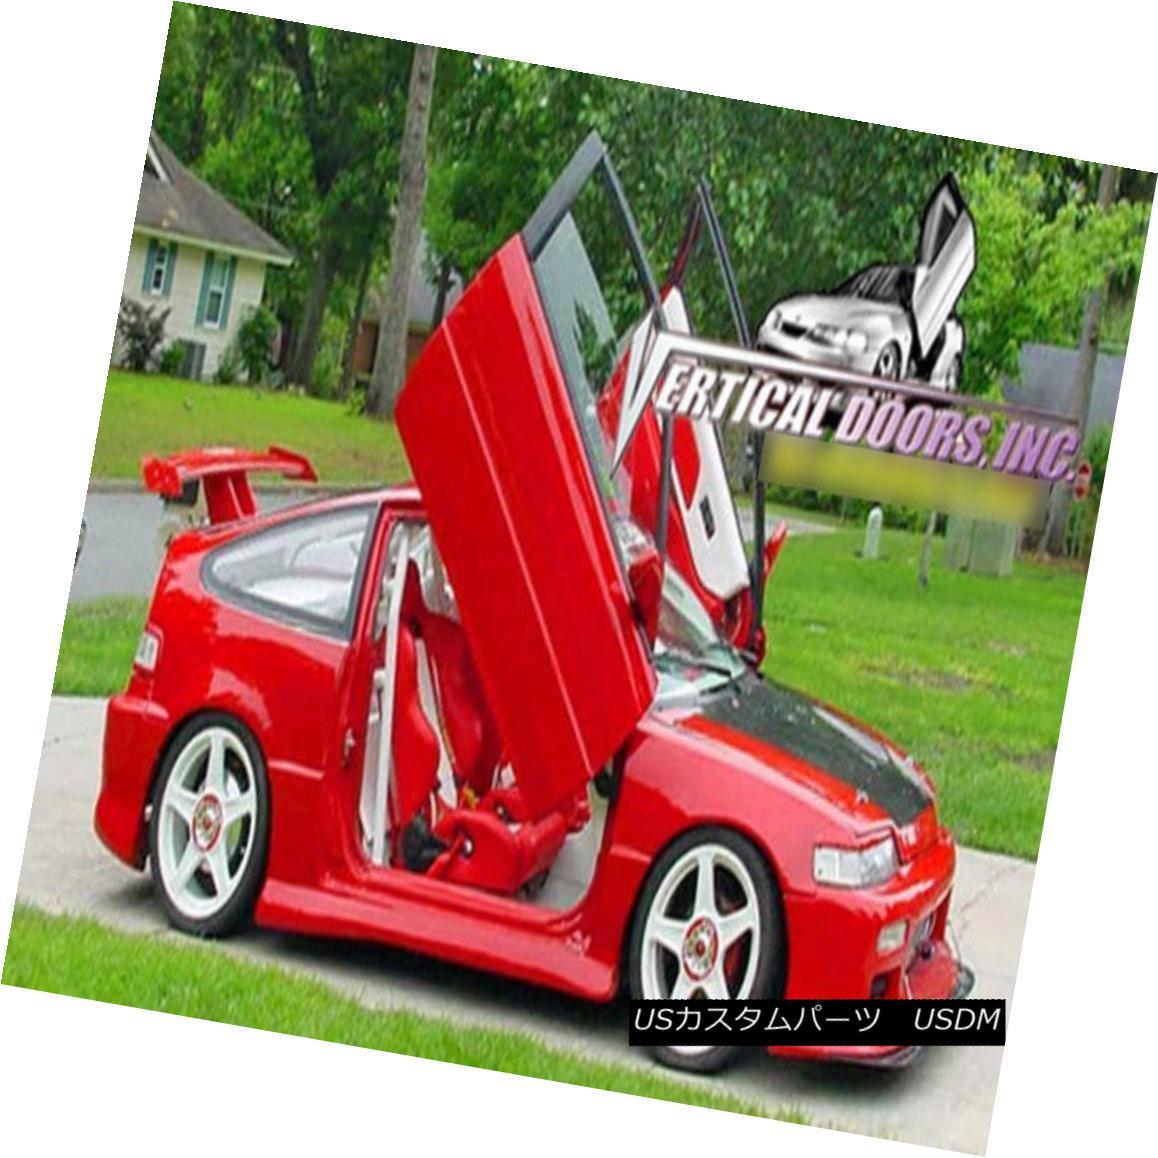 ガルウィングキット Vertical Doors Inc. Bolt-On Lambo Kit for Honda Civic / CRX 88-91 HB / 4 DR Vertical Doors Inc.ホンダシビック/ CRX 88-91 HB / 4 DRのボルトオンランボルギーニキット